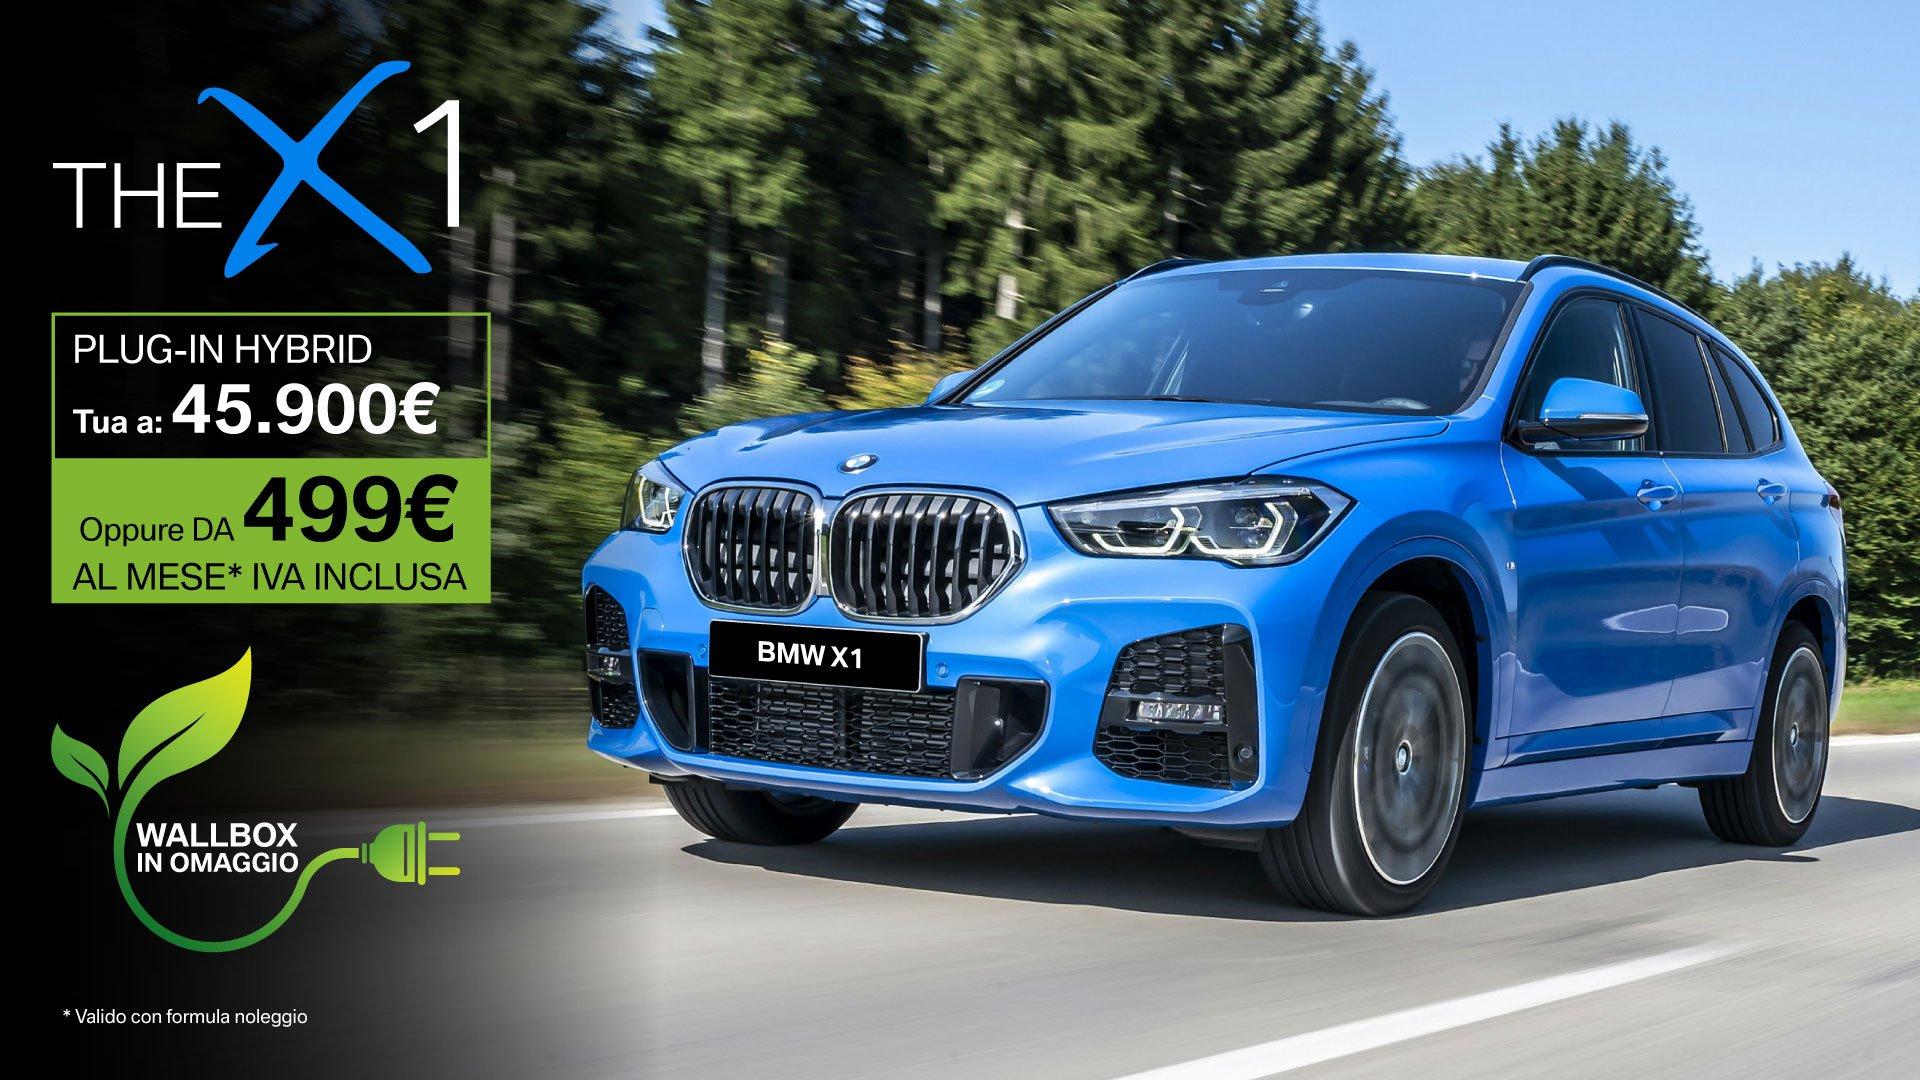 BMW X1 Plug in